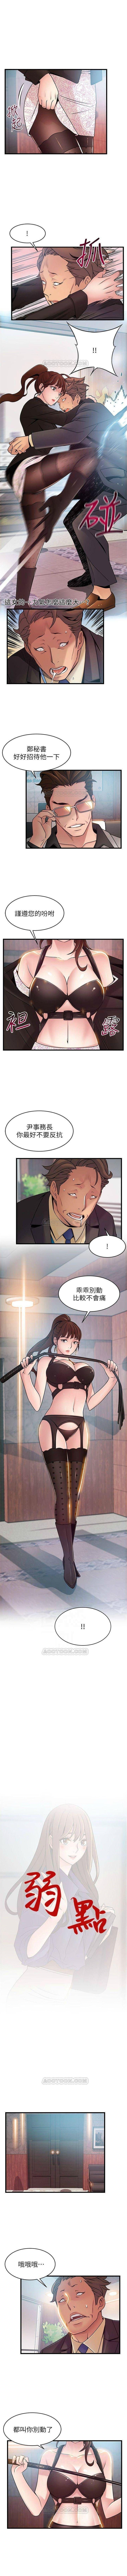 (周7)弱点 1-66 中文翻译(更新中) 369